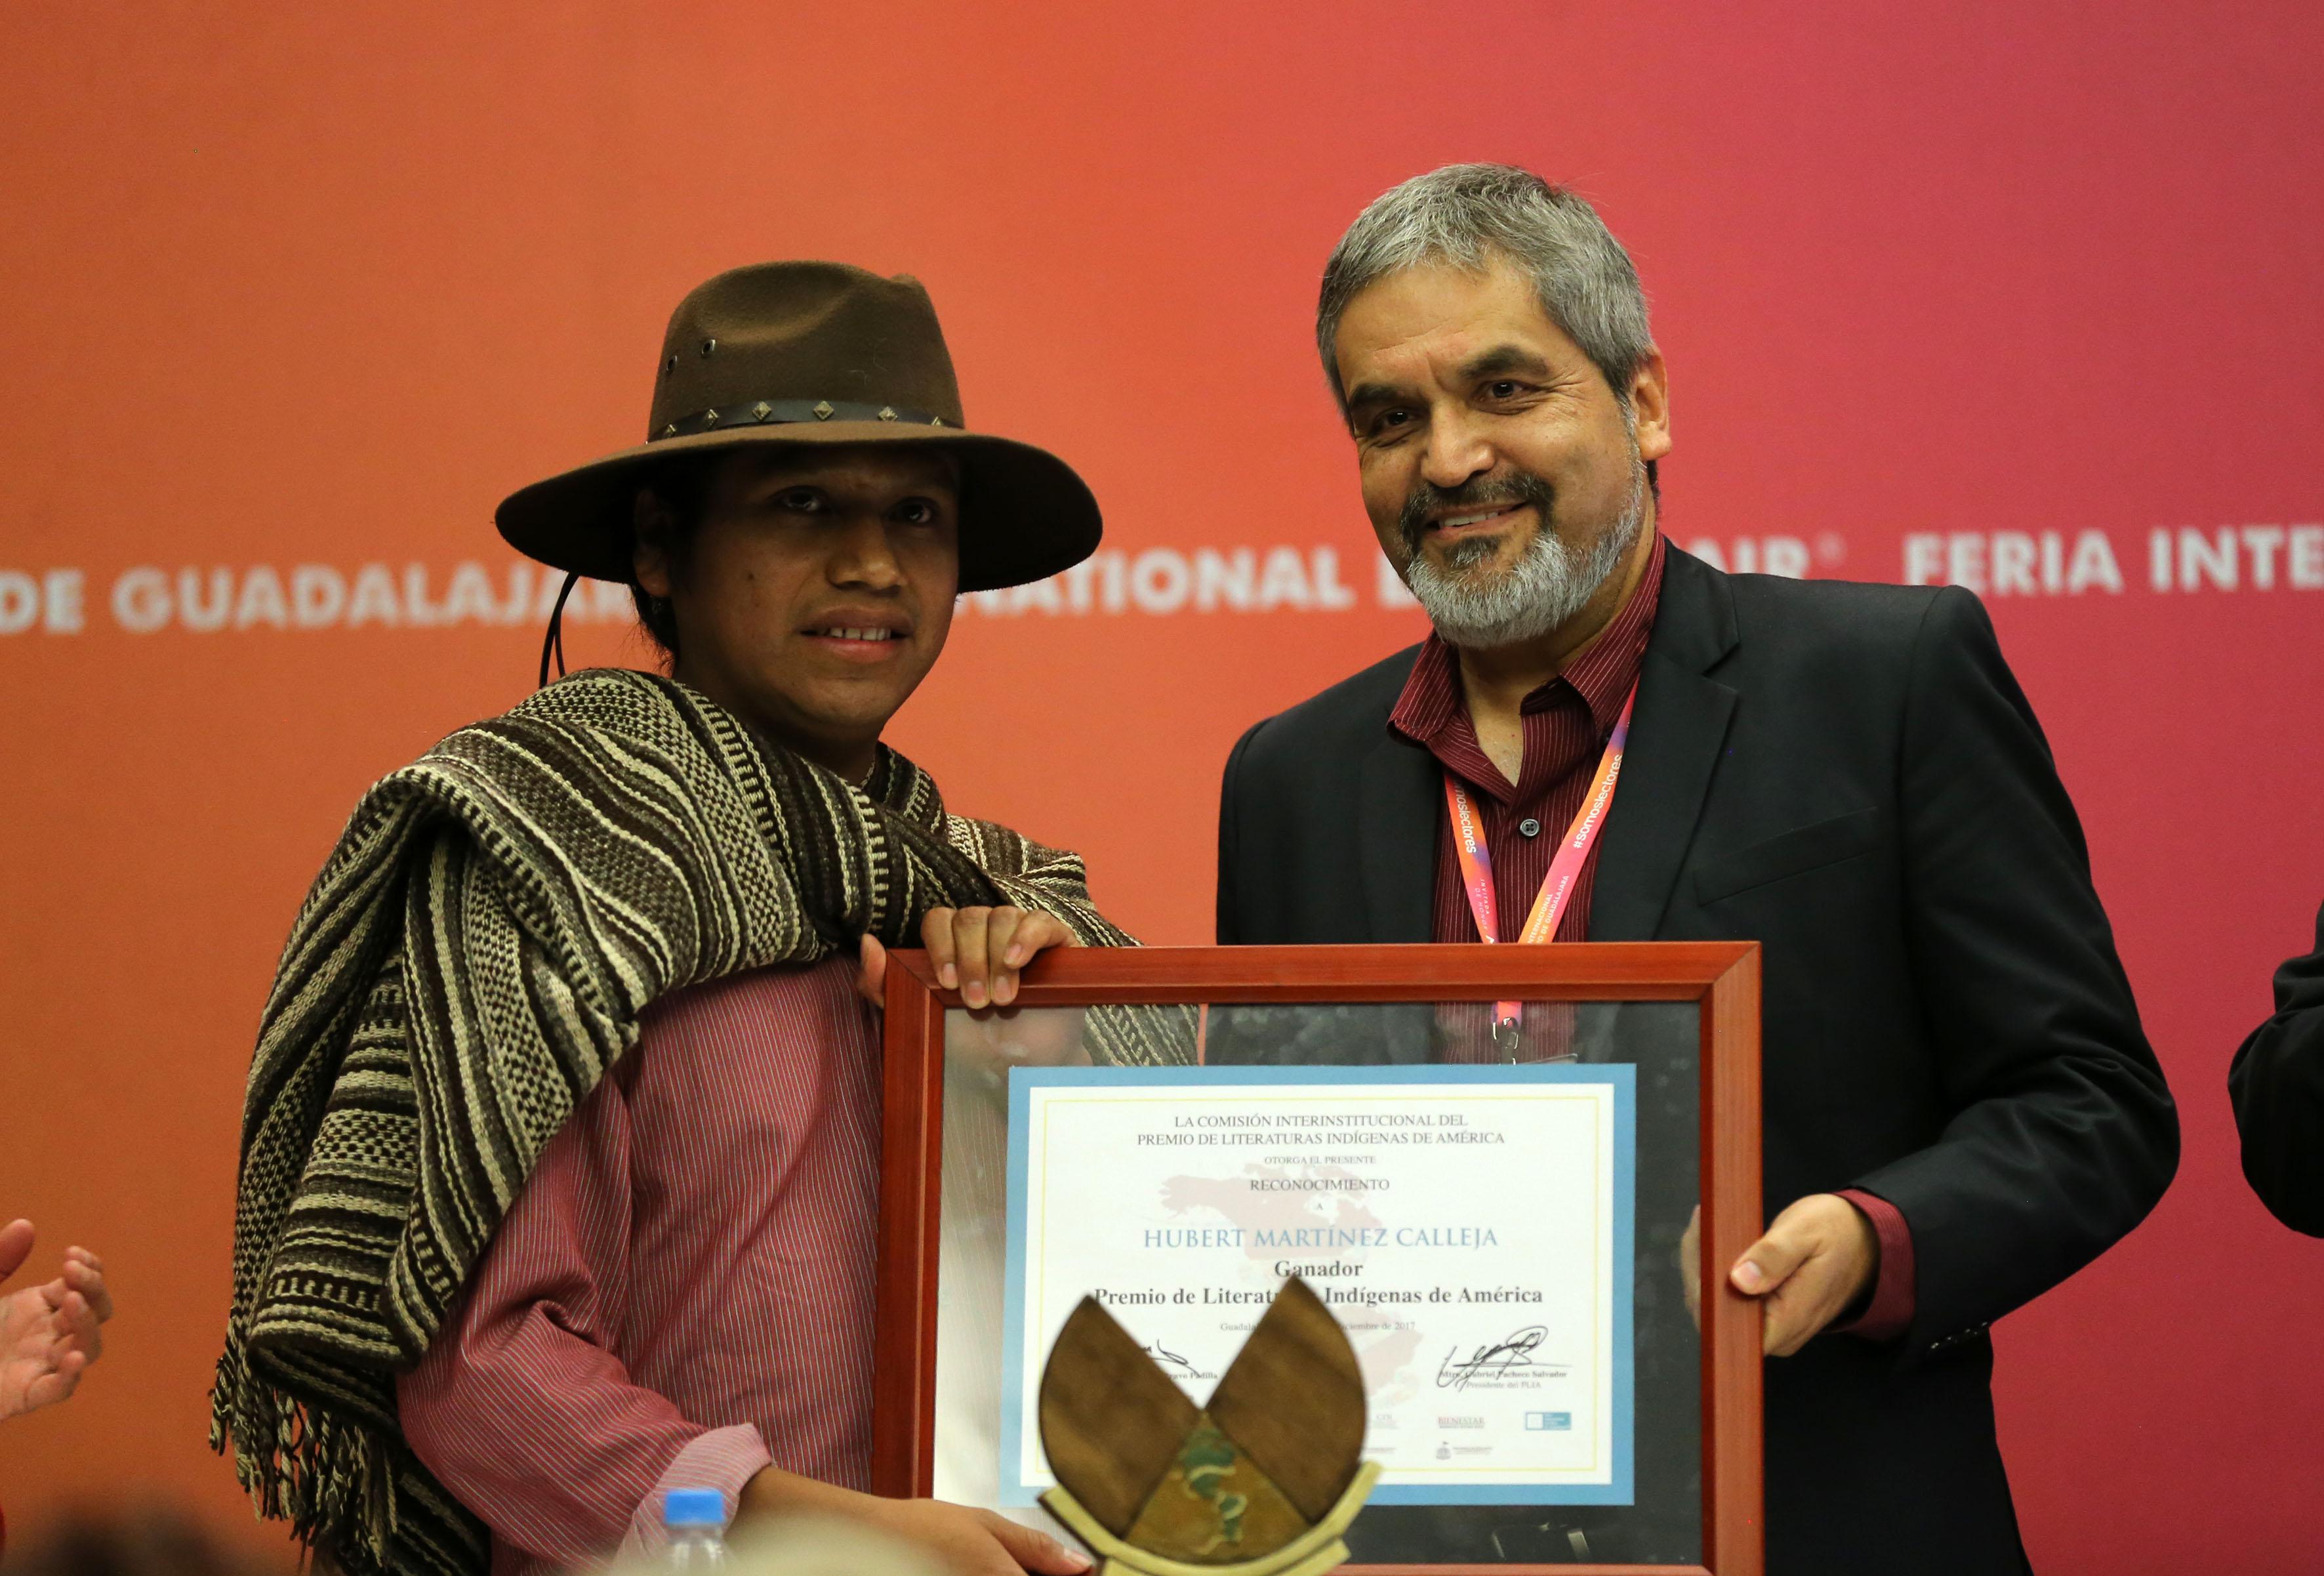 Hubert Martínez Calleja, recibiendo reconocimiento